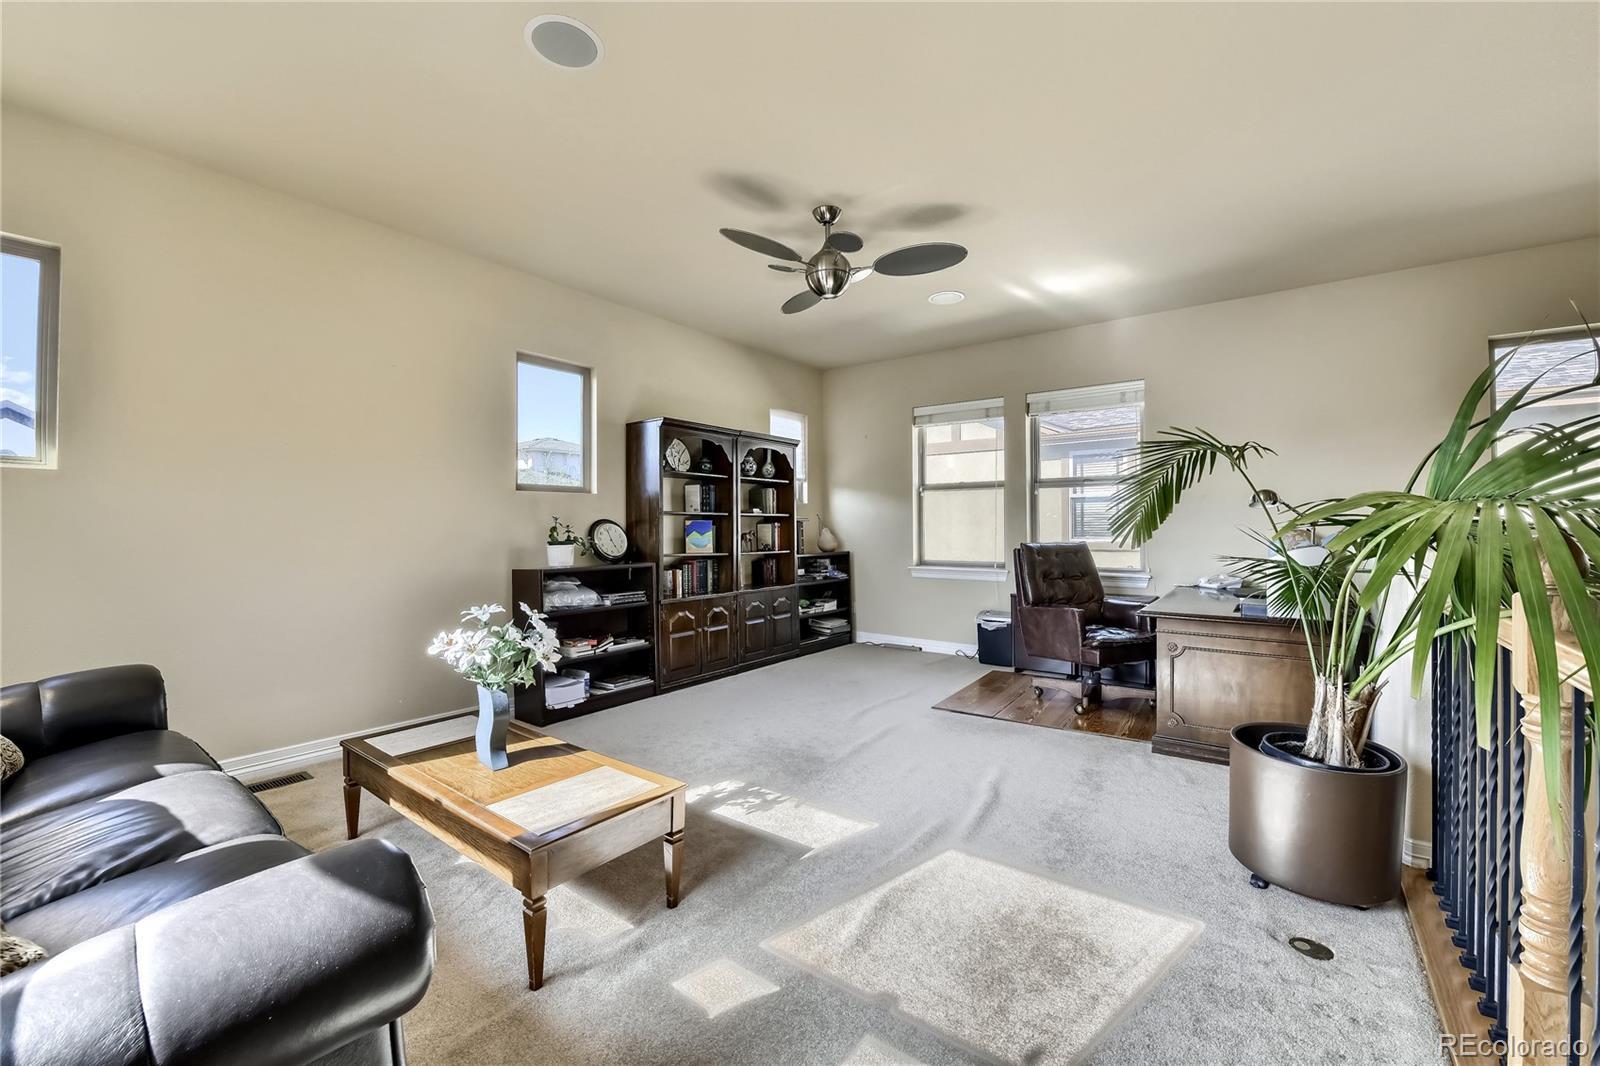 MLS# 5064699 - 32 - 9733 E 33rd Avenue, Denver, CO 80238